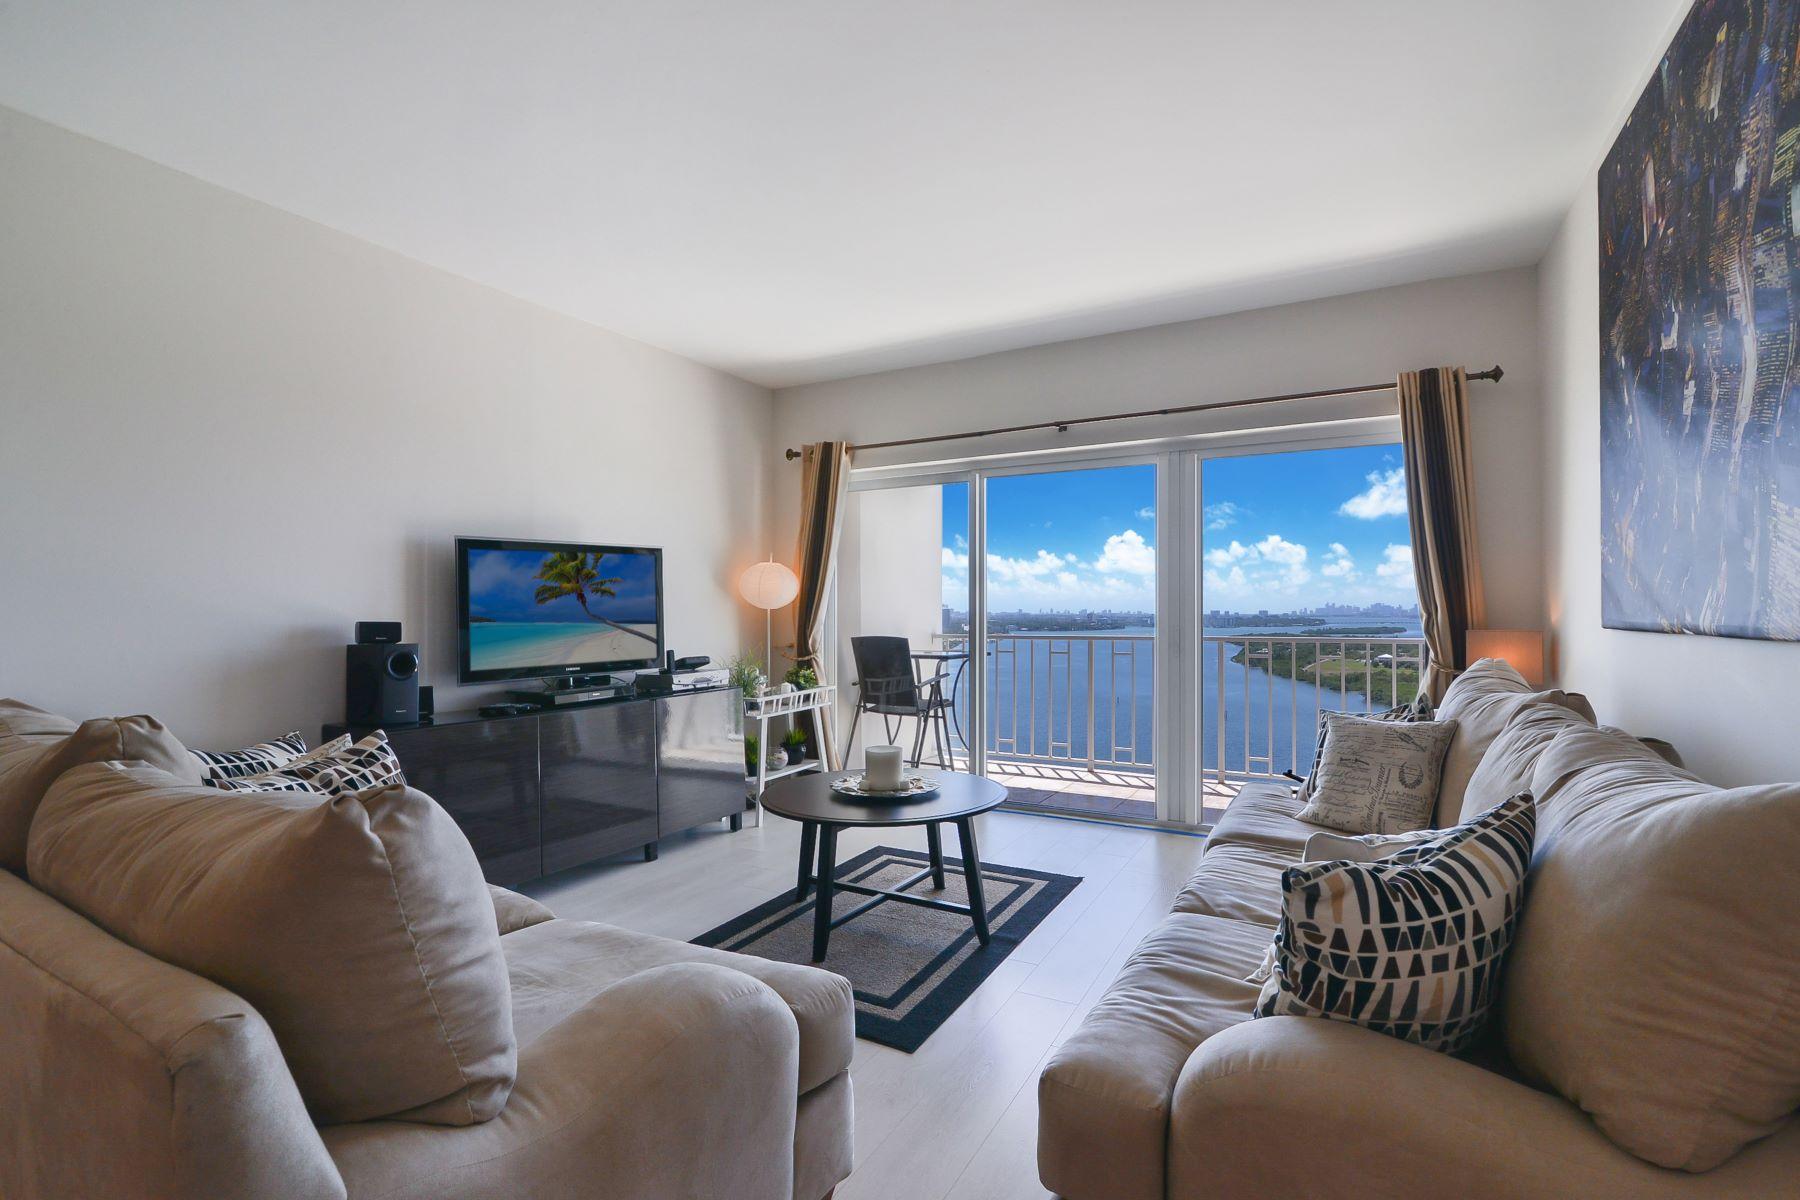 共管式独立产权公寓 为 出租 在 300 Bayview Dr 300 Bayview Dr 2114 阳光岛海岸, 佛罗里达州 33160 美国